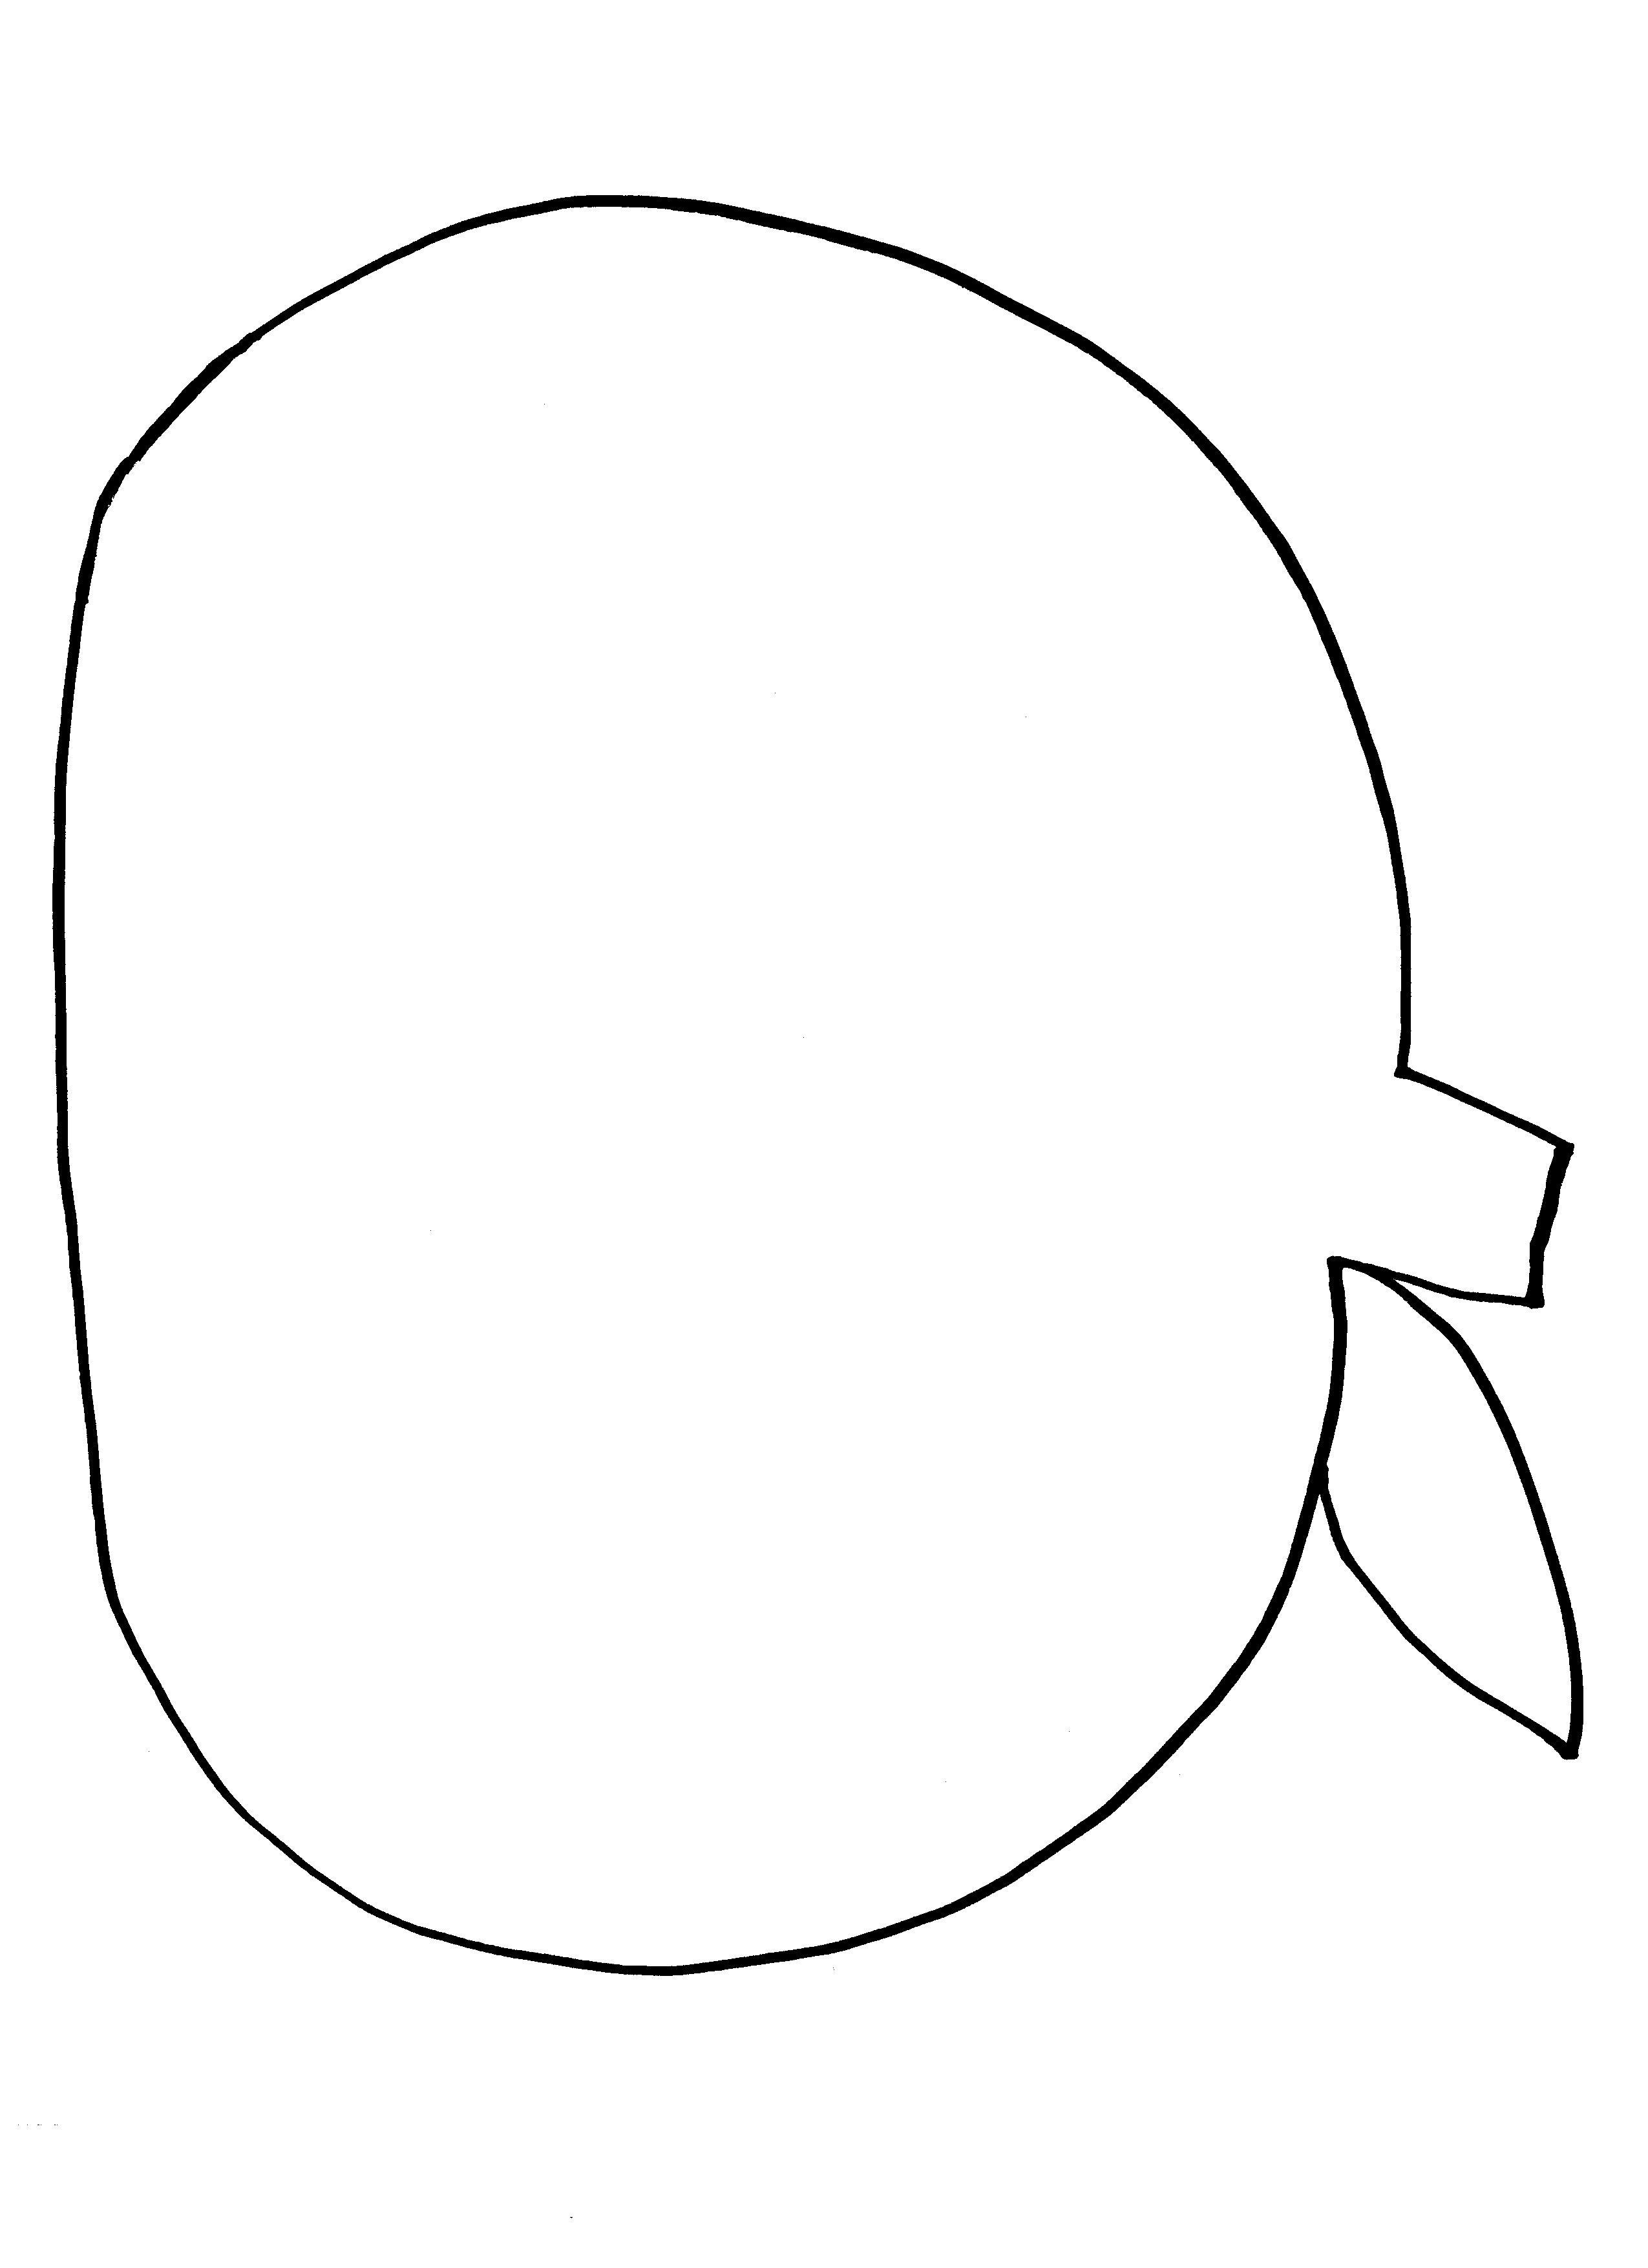 Pumpkin Seed Drawing Pumpkin Outline Drawing